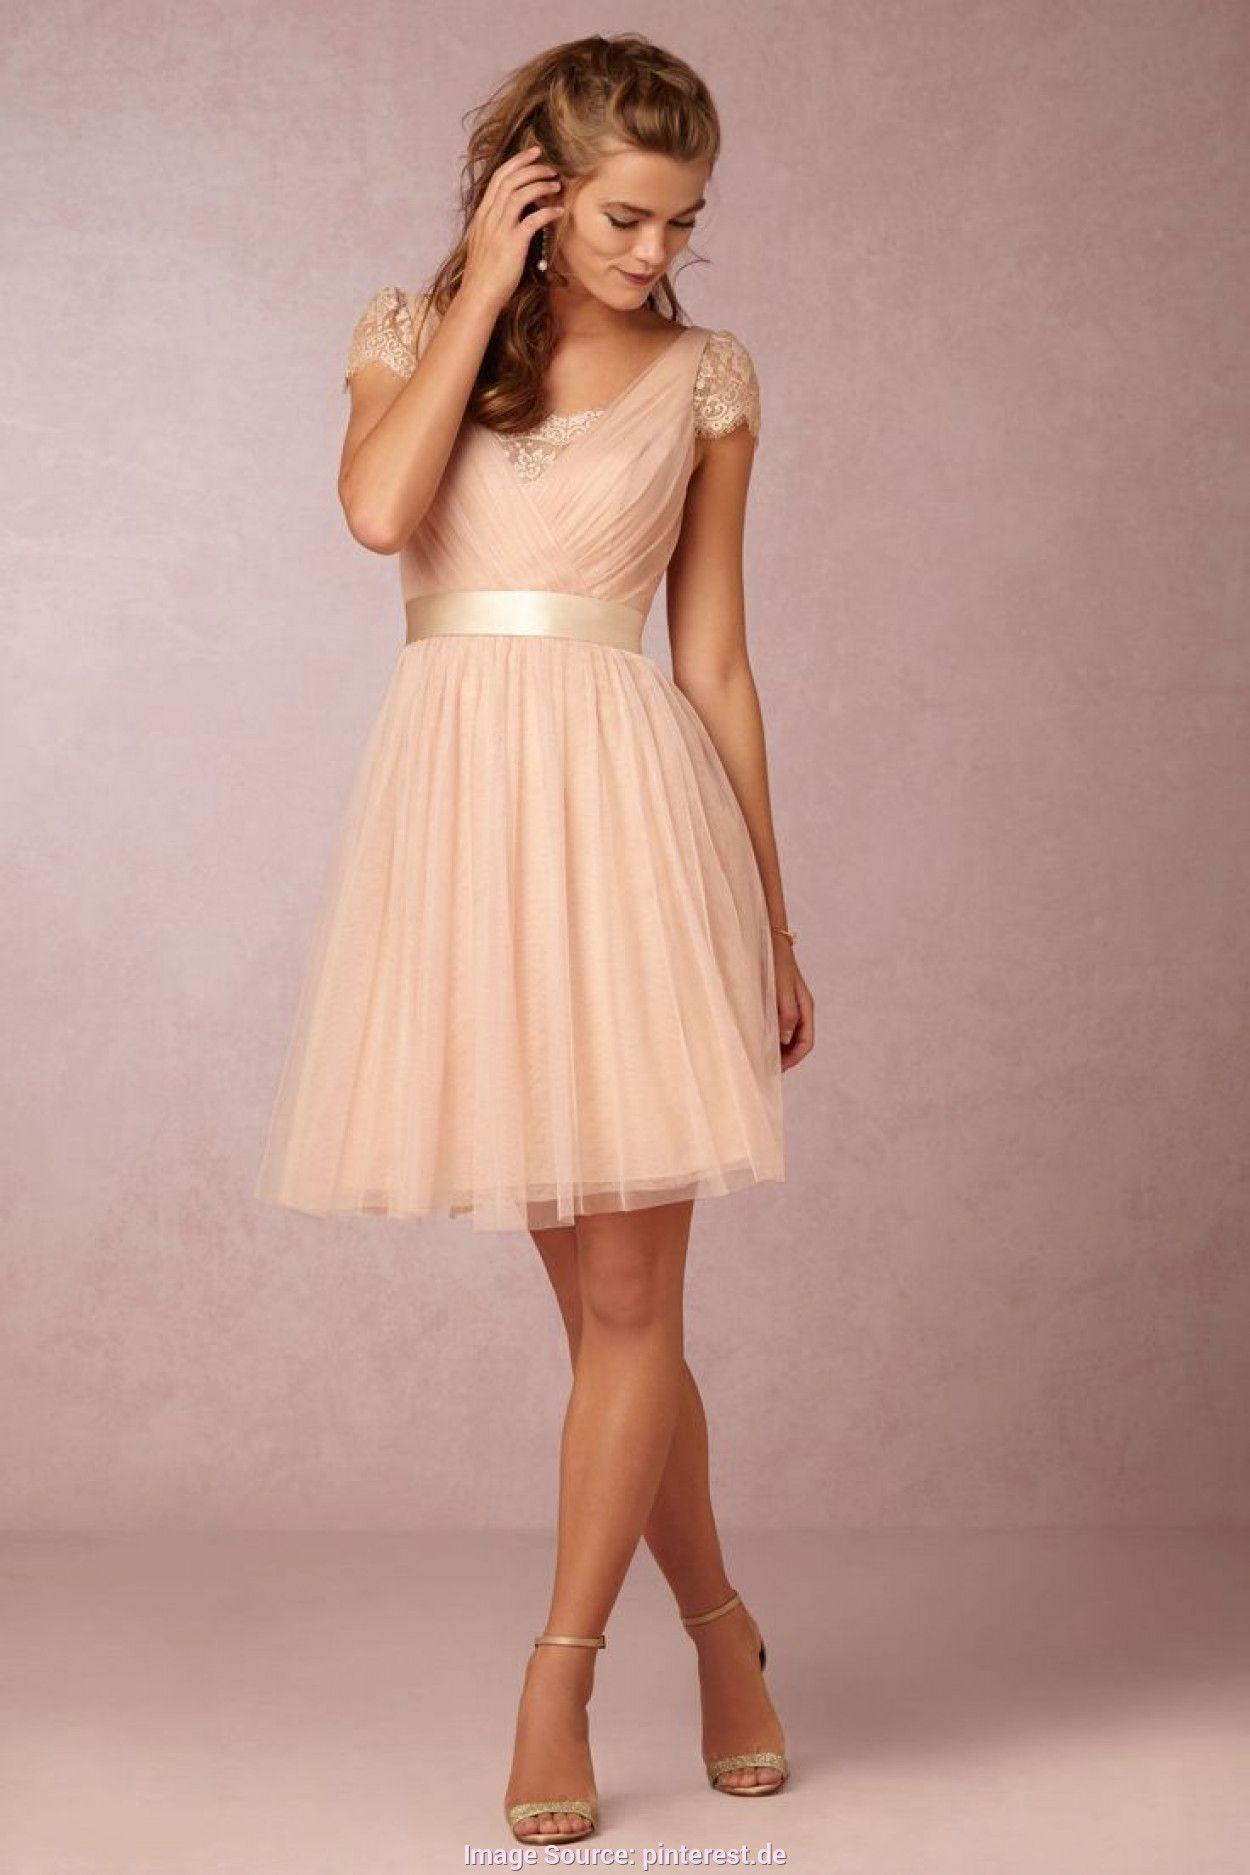 Neu Festliche Kleider Hochzeitsgast Sieht Feminin Aus  Schöne